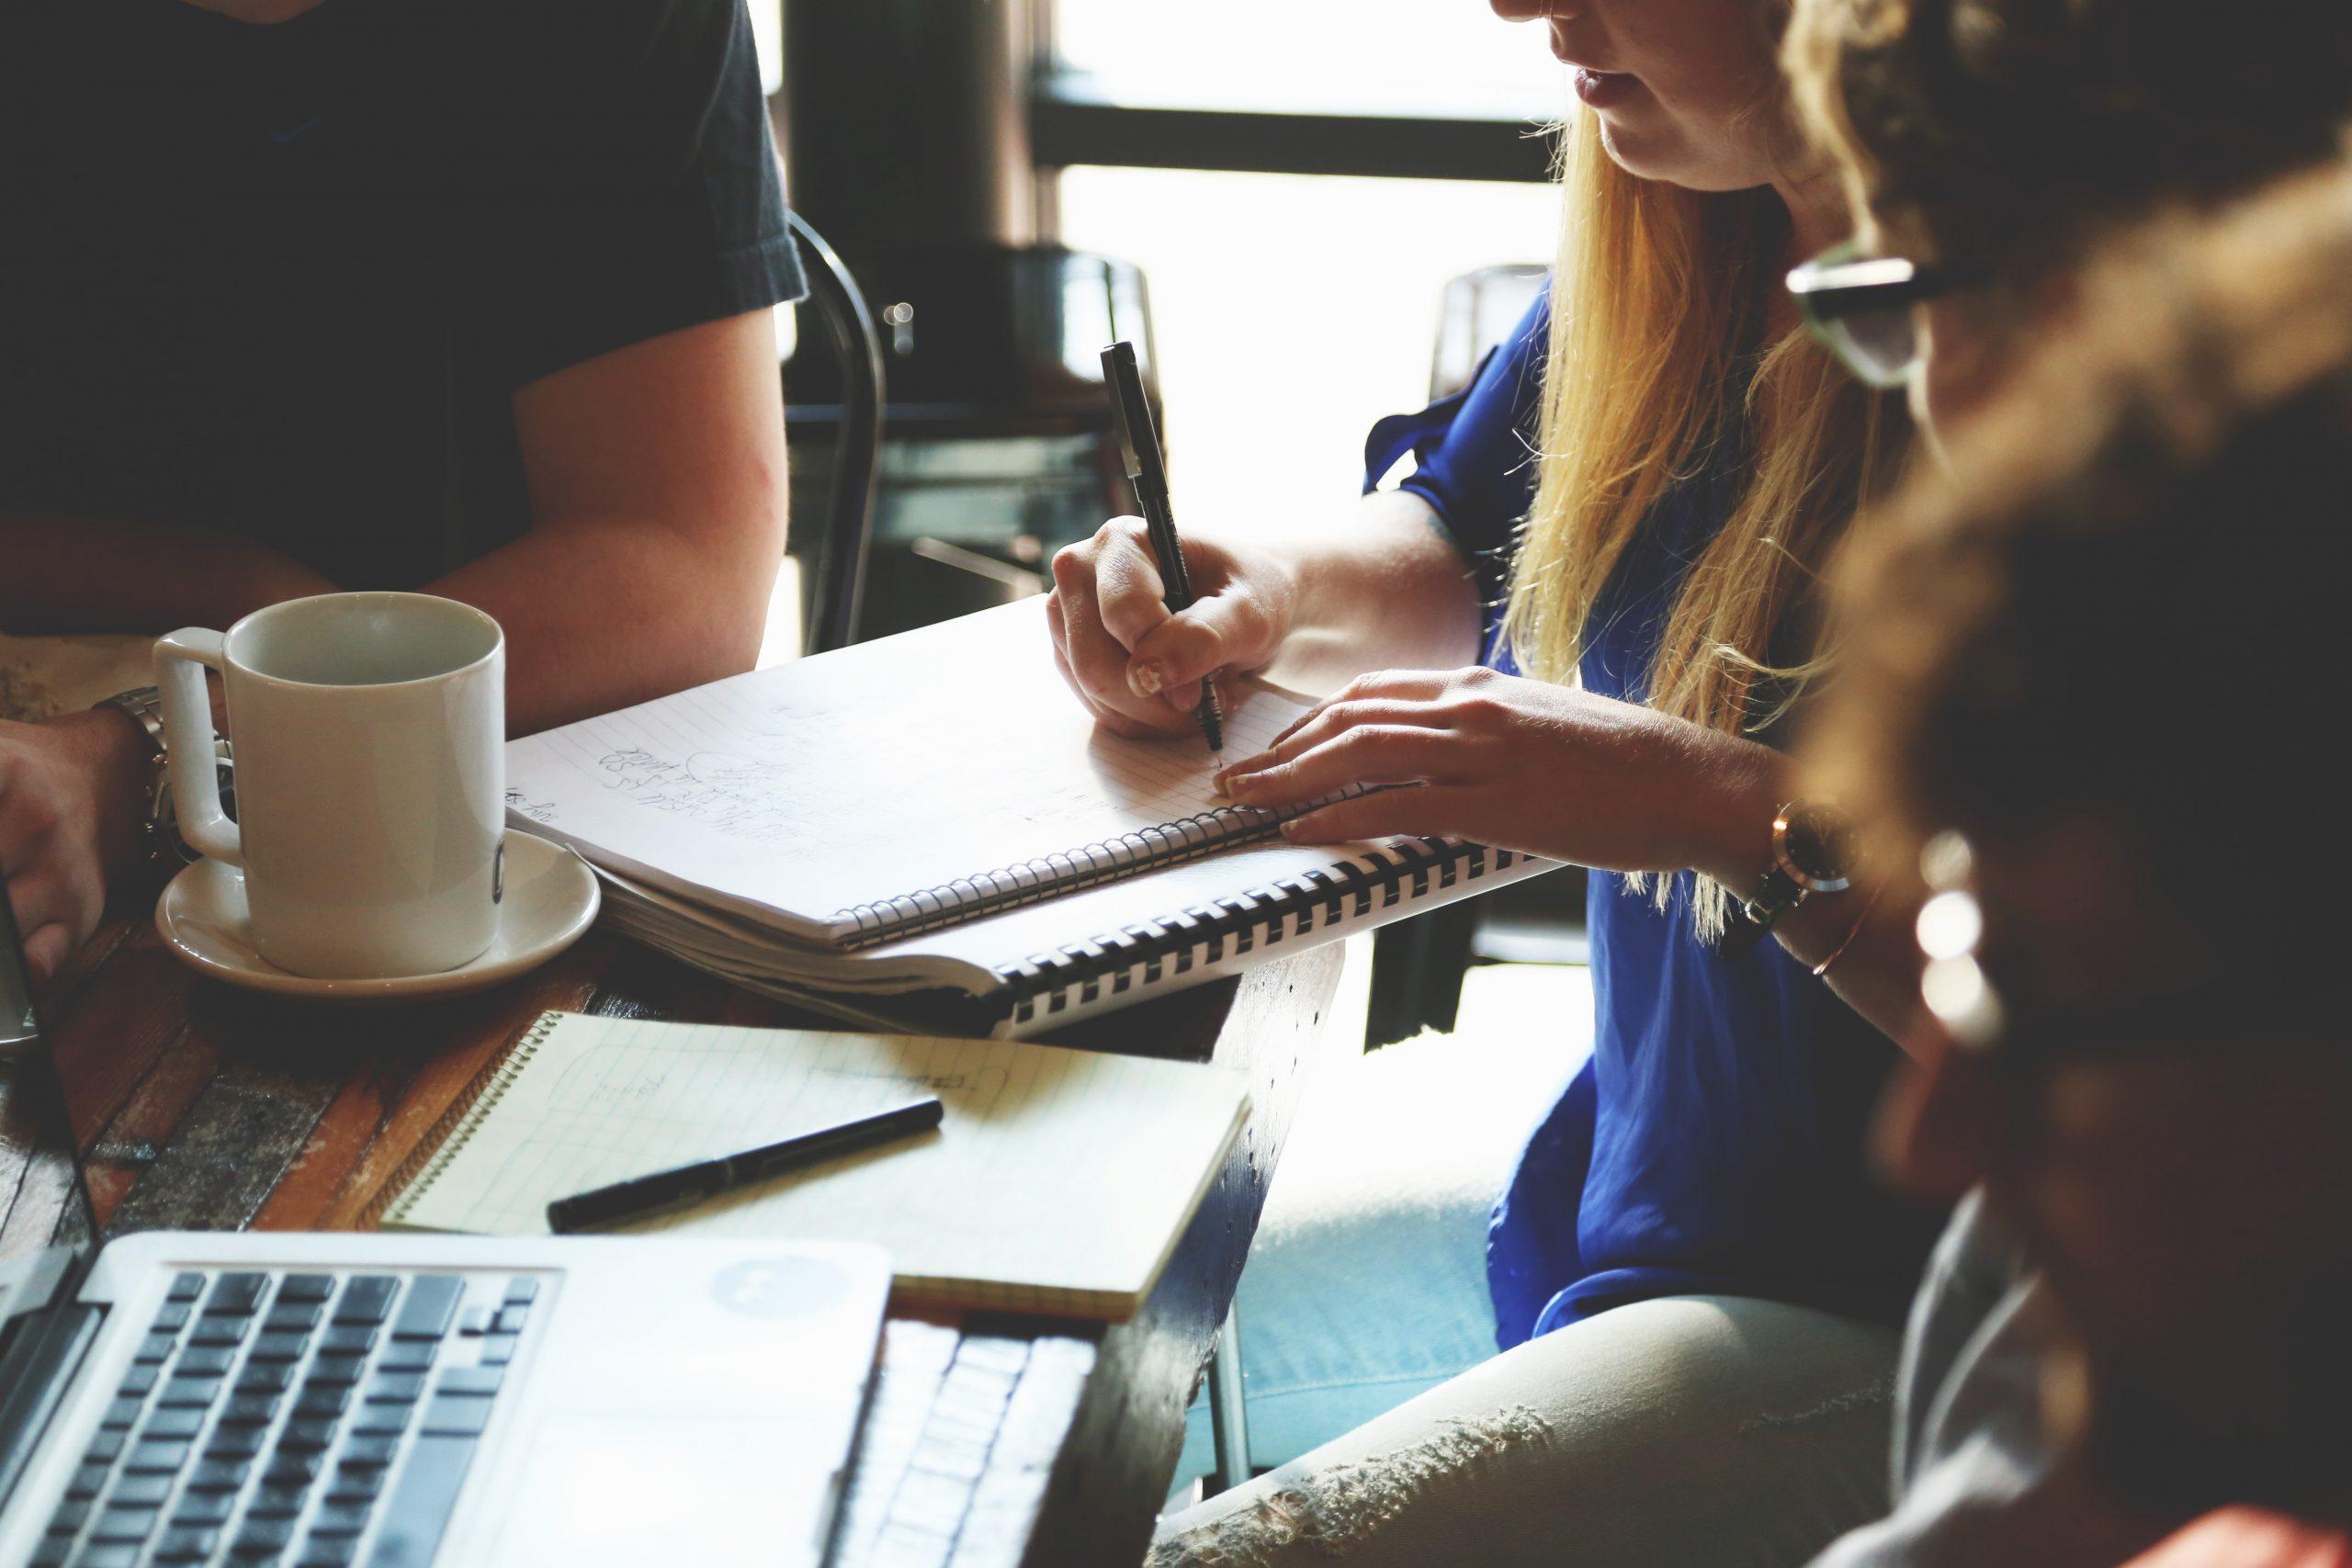 pessoas em uma mesa estudando segurando uma caneta sobre um caderno